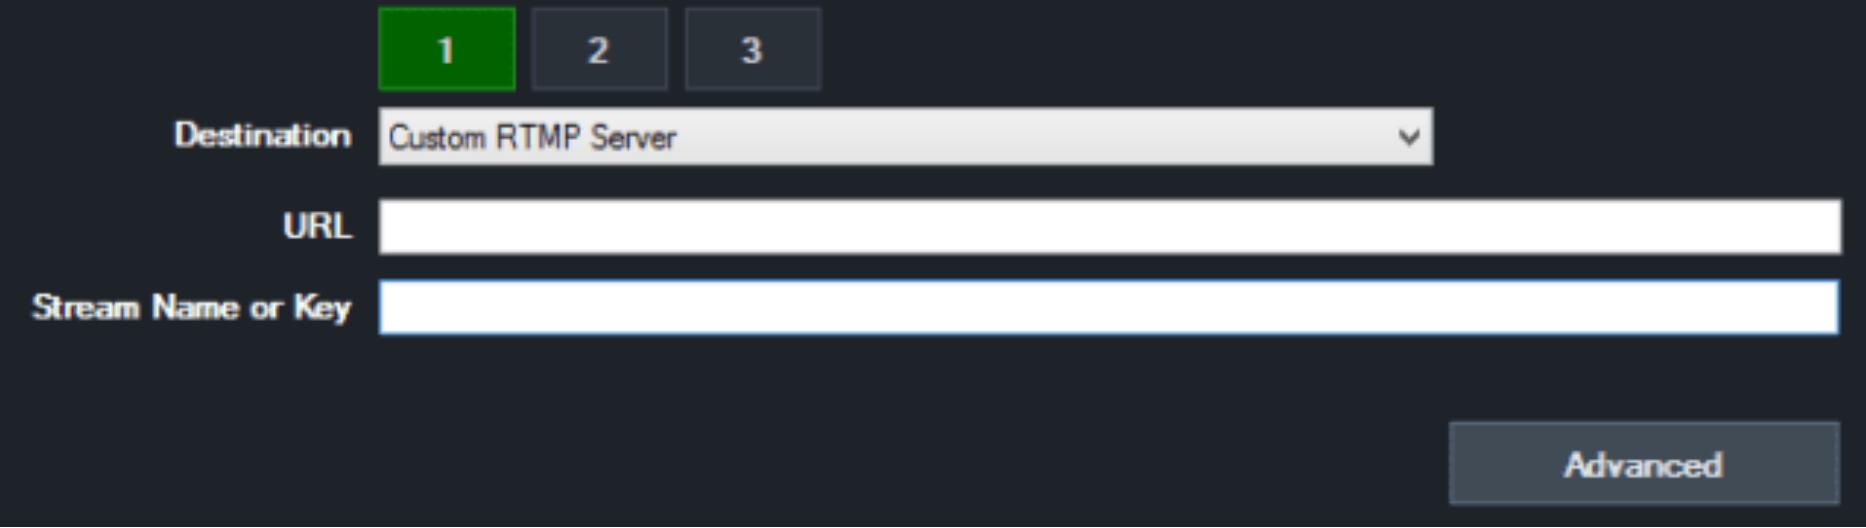 Custom RTMP Server vmix